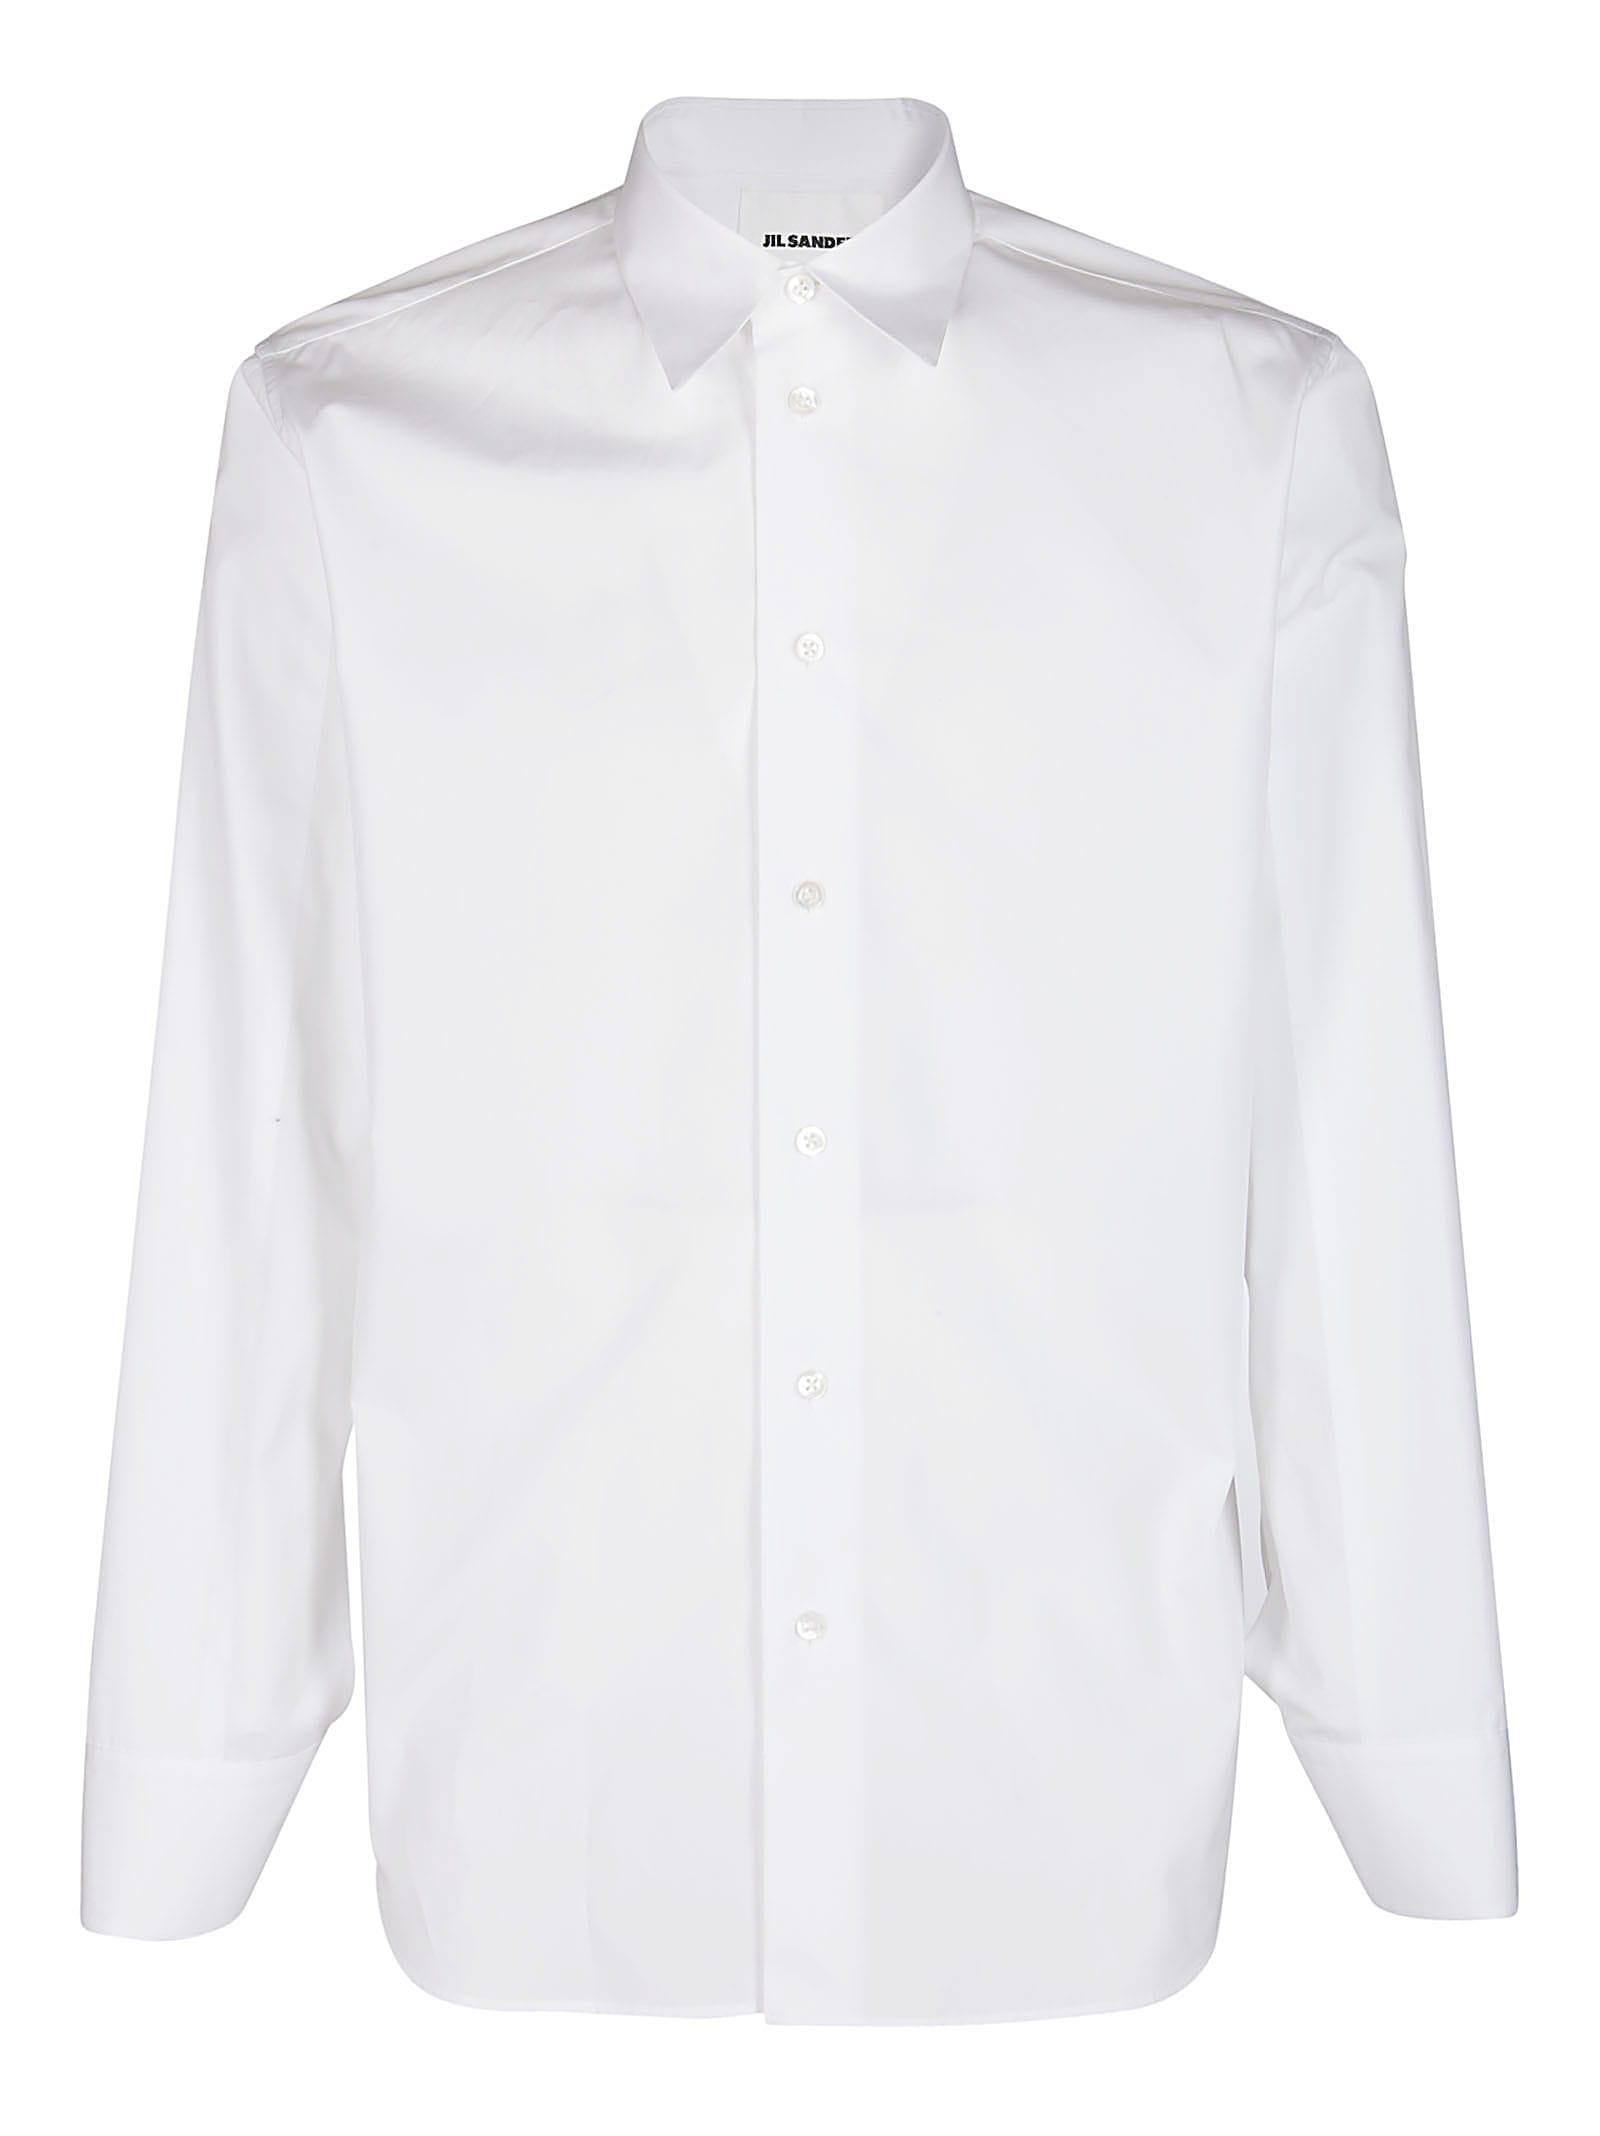 Jil Sander White Cotton-wool Blend Shirt